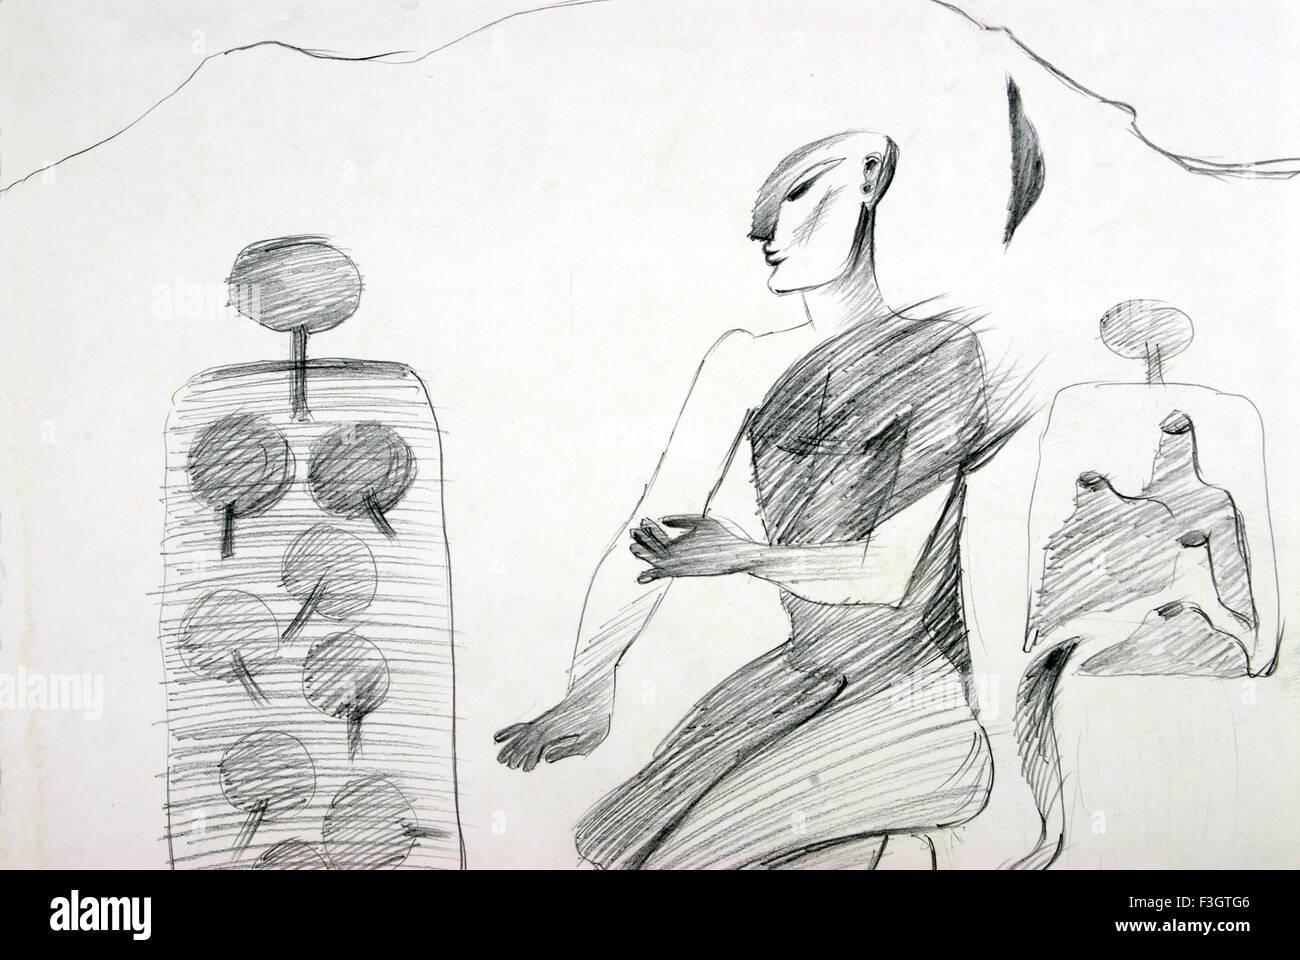 Praying man in nature pencil drawing stock image